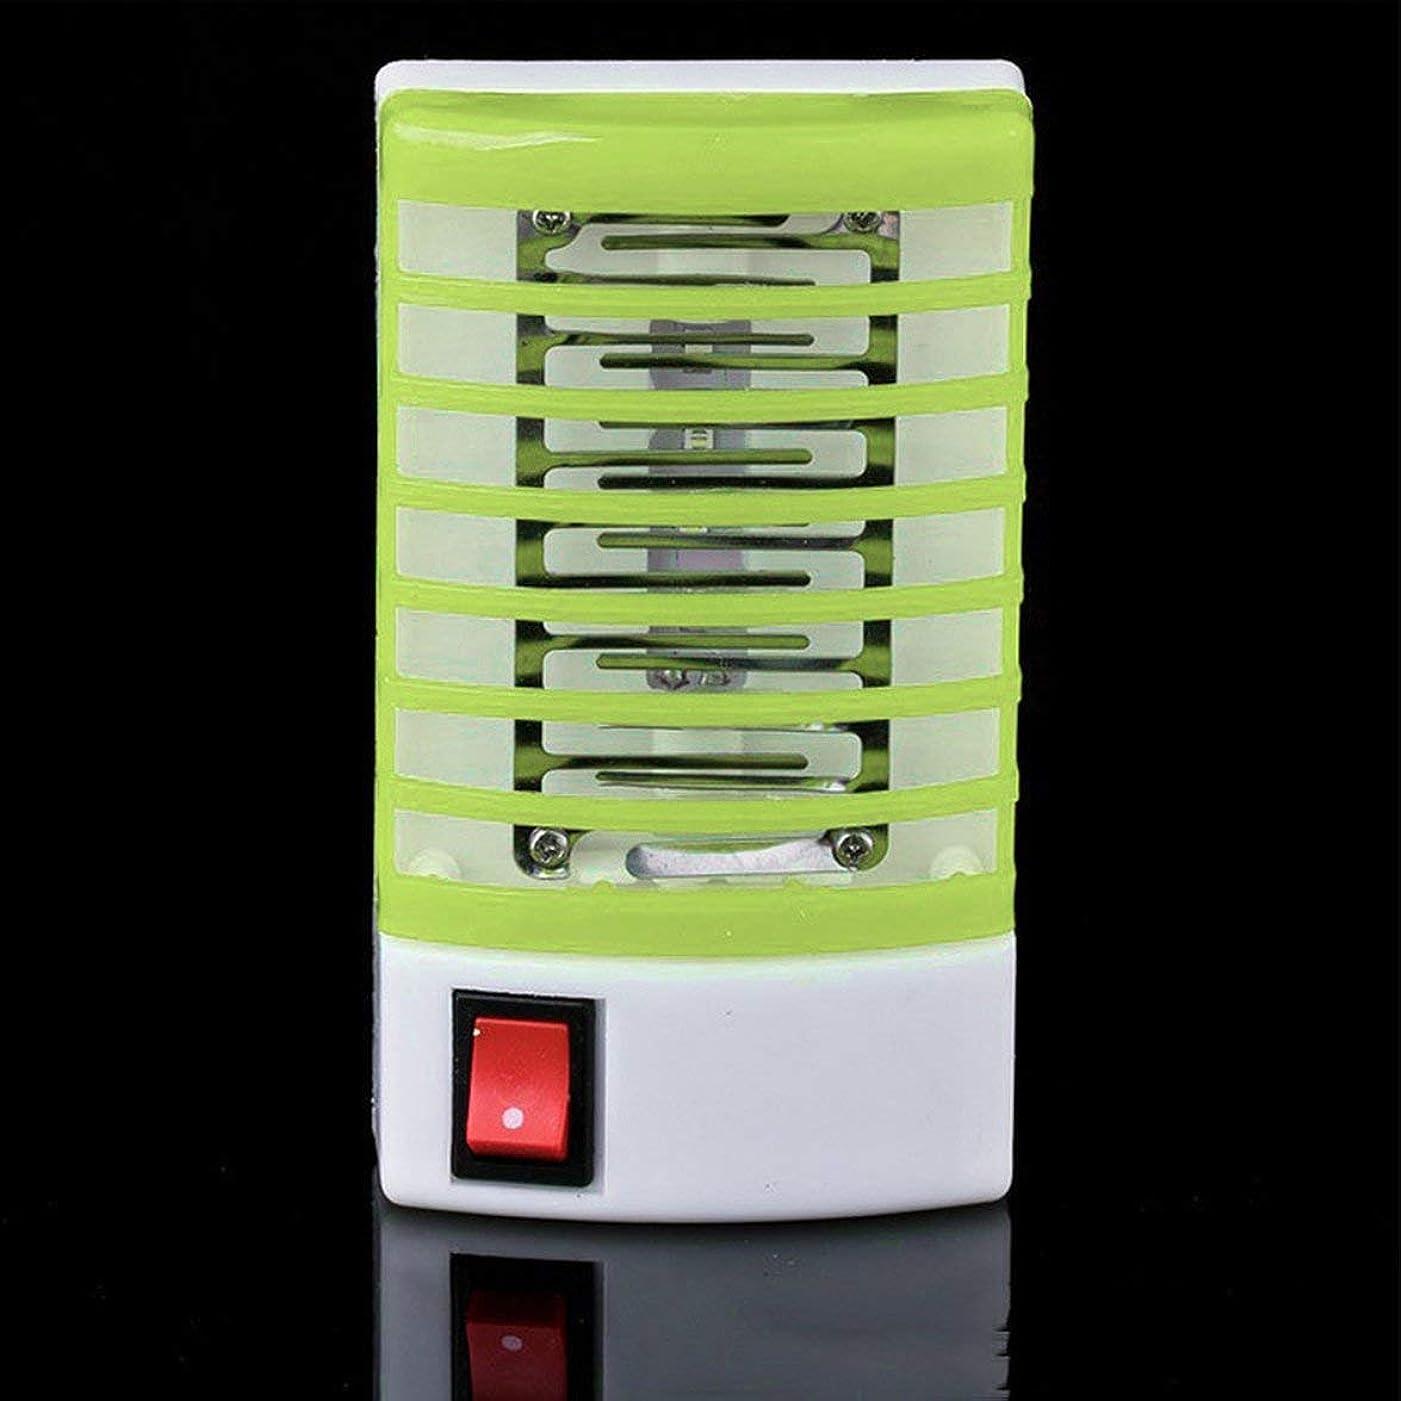 取り囲むランダムシンポジウムポータブル光触媒蚊ランプホームLED昆虫キラー電気屋内蚊ランプアンチ蚊忌避ライト - グリーン